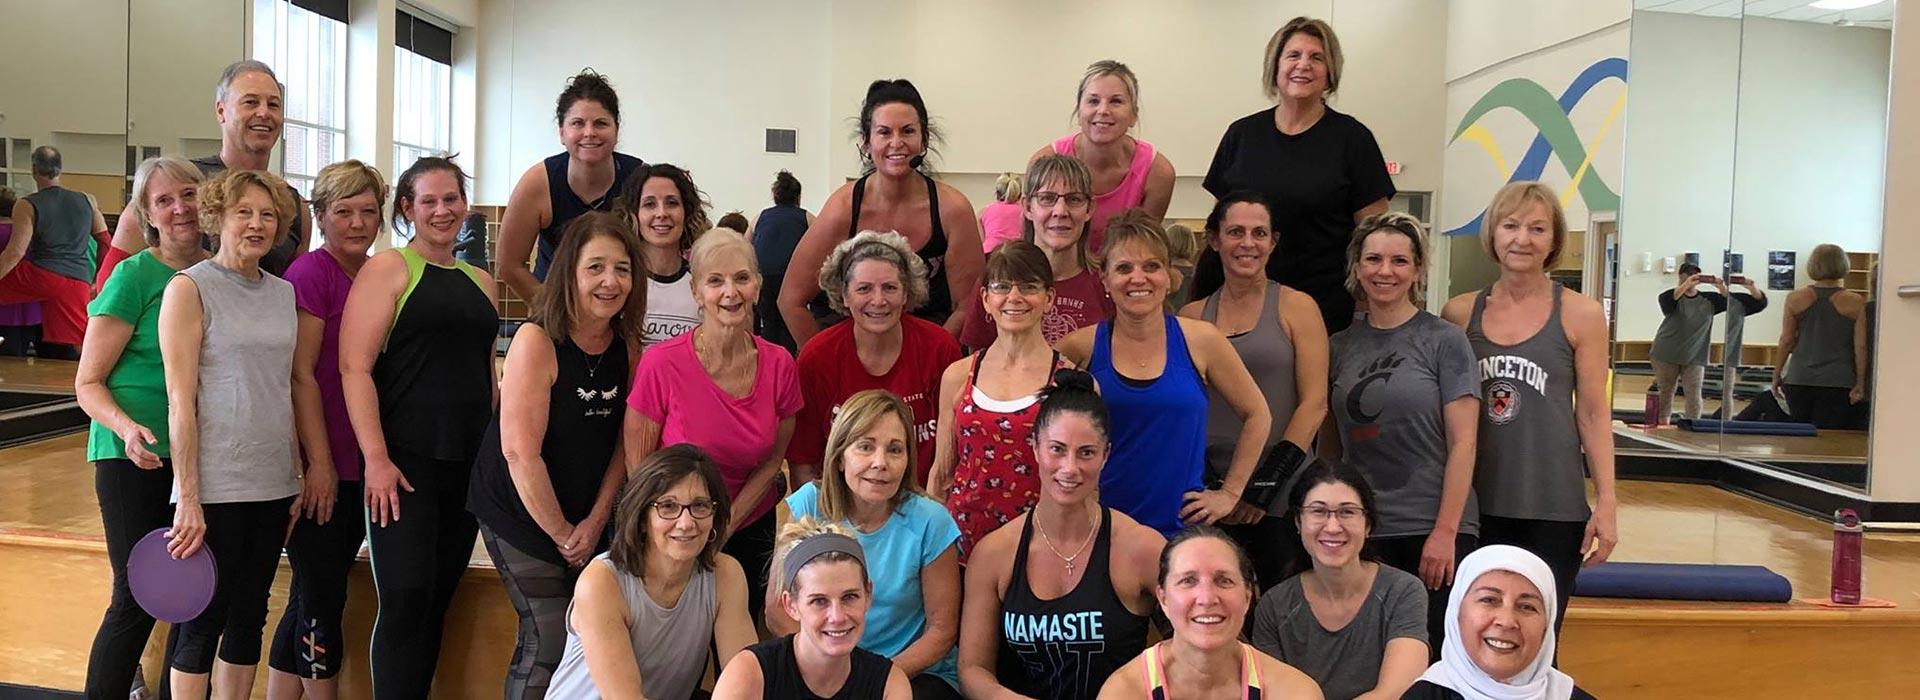 womens-classes